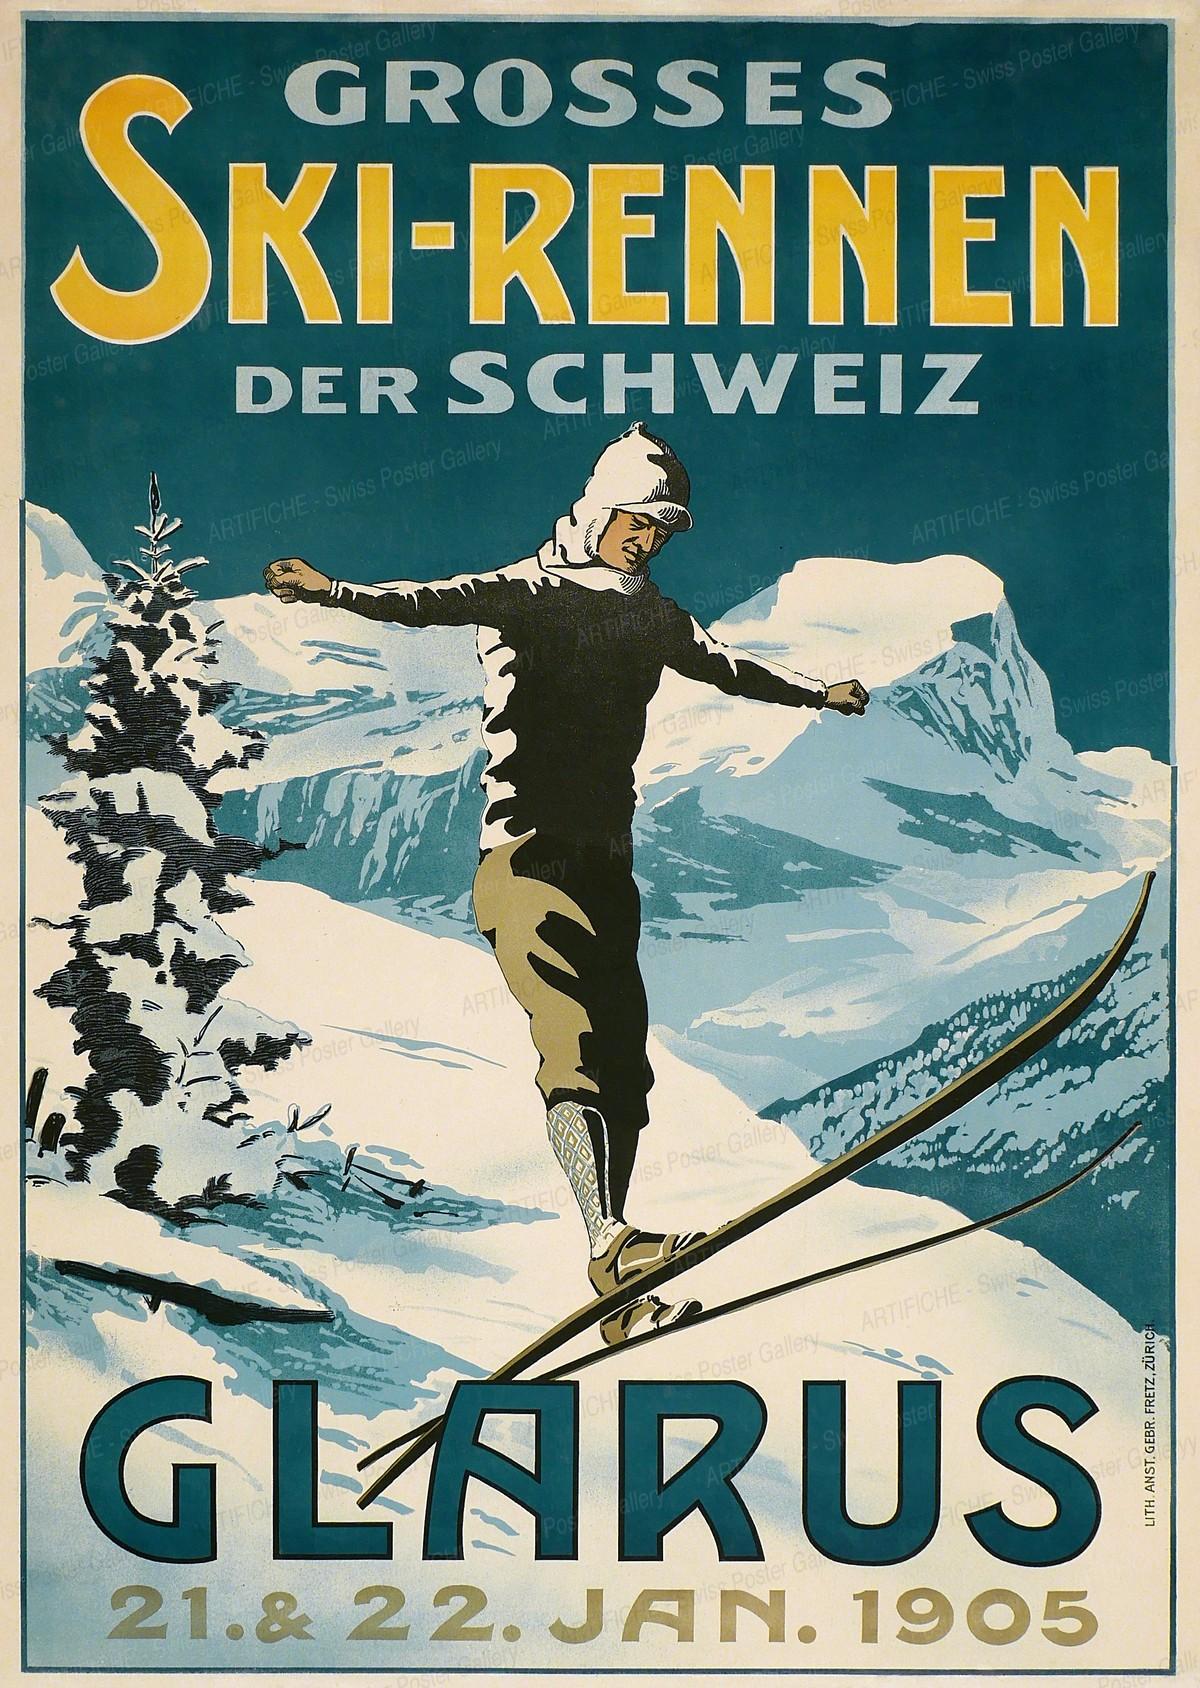 Grosses Skirennen Glarus 1905, Artist unknown